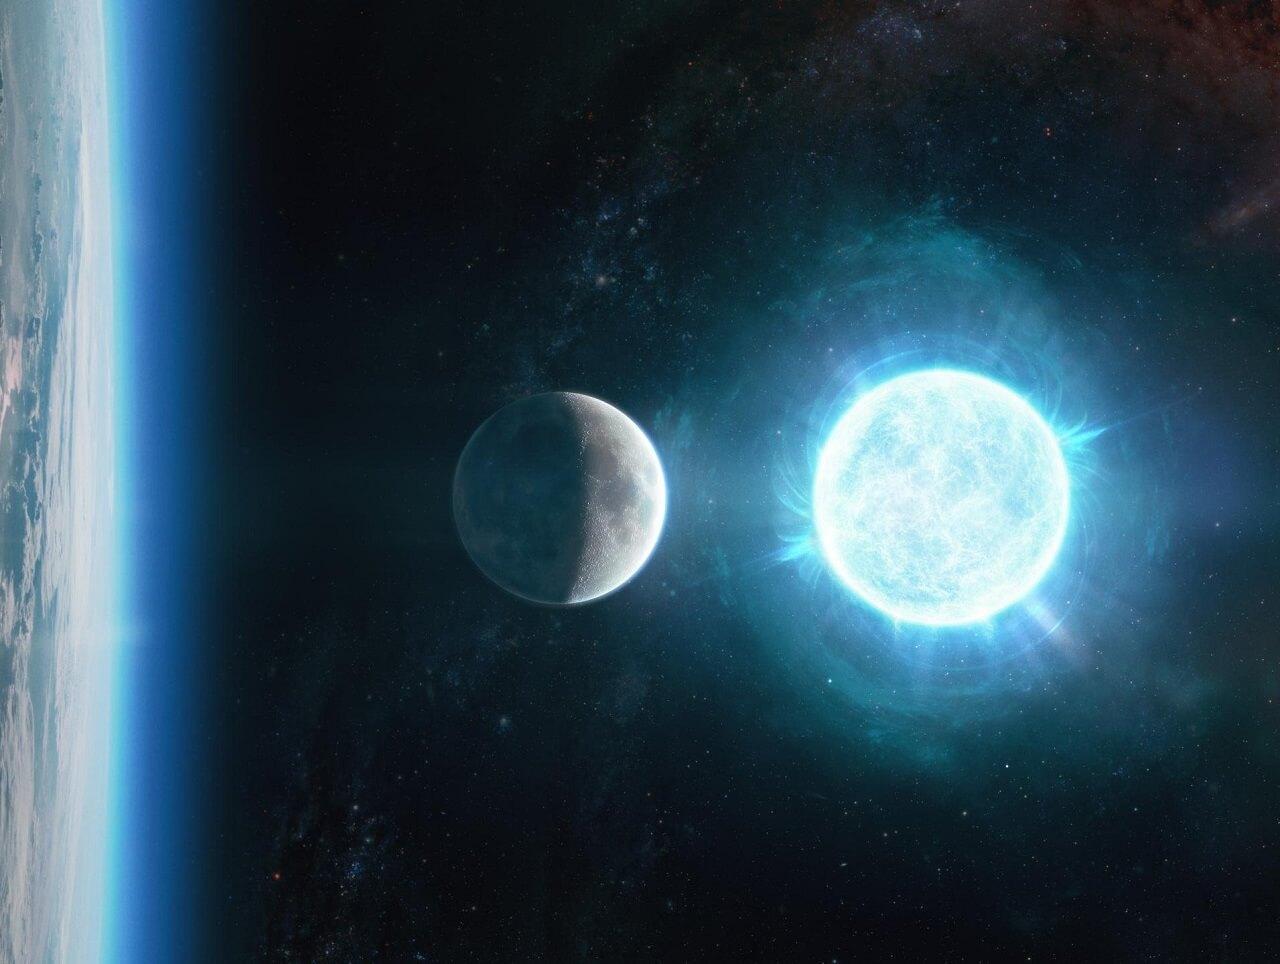 აღმოჩენილია ამ დროისათვის ყველაზე პატარა და ყველაზე მკვრივი მკვდარი ვარსკვლავი — #1tvმეცნიერება